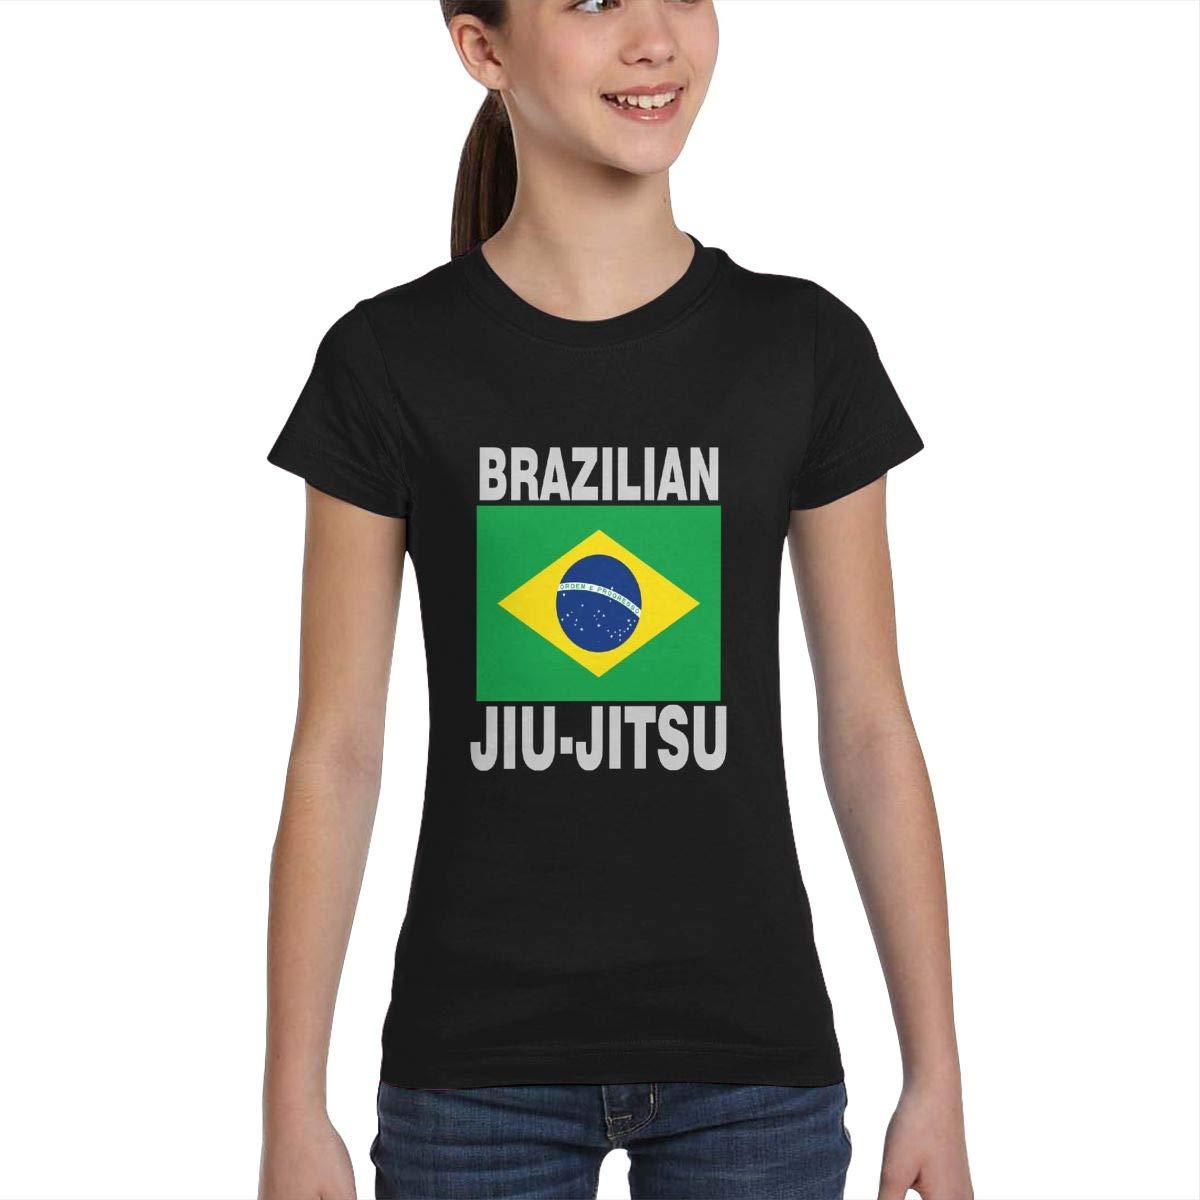 Casual Tunic Shirt Dress XS-XL L6Nv4o@A Girls Short Sleeve Brazilian Jiu Jitsu T-Shirts